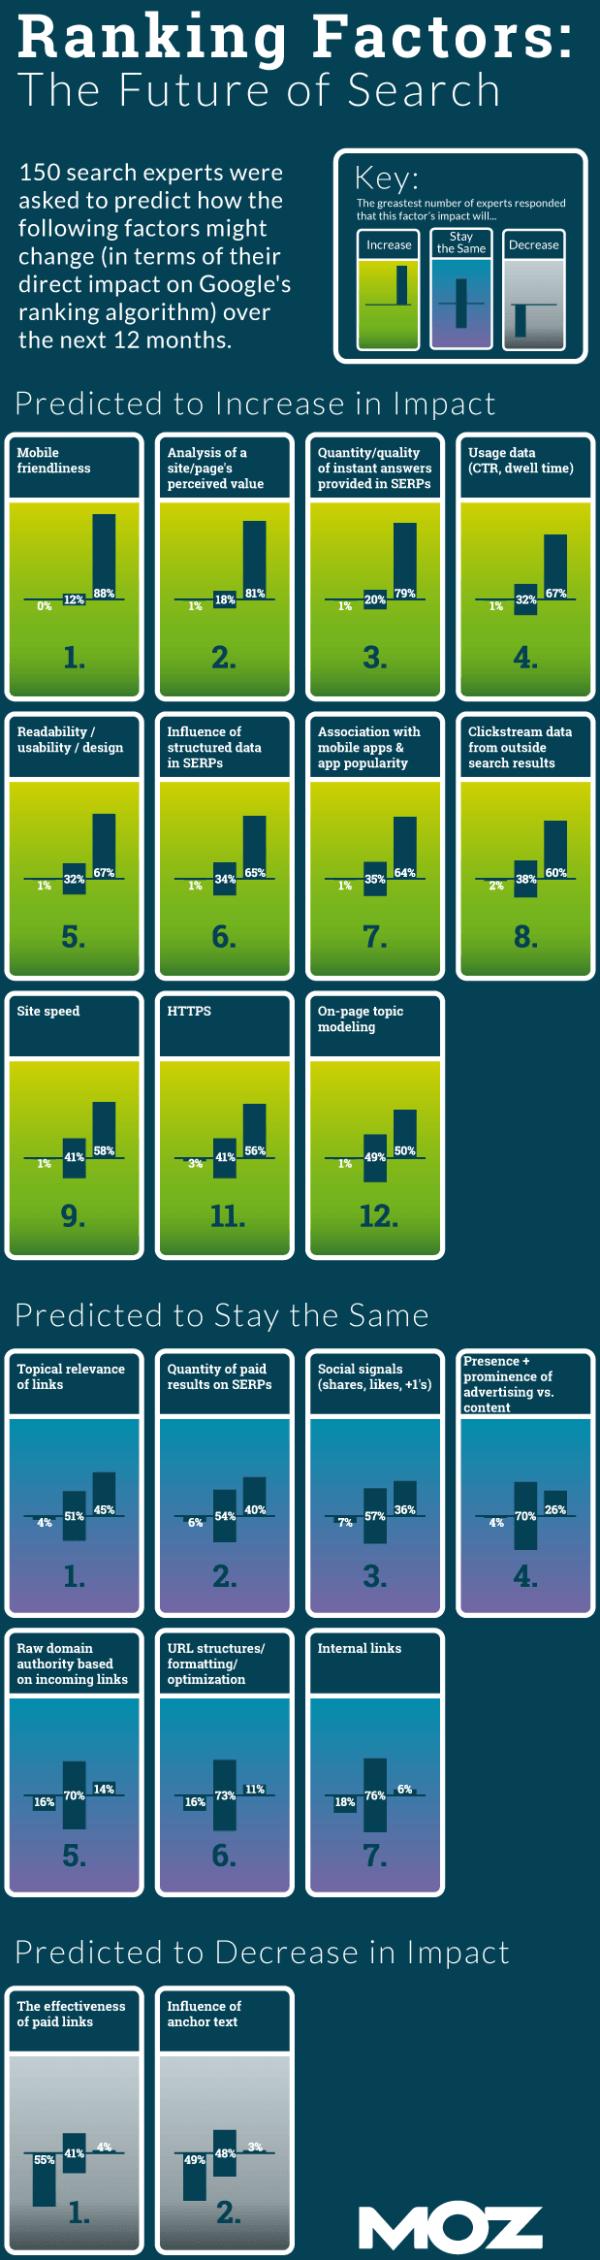 Previsione sui futuri fattori di ranking